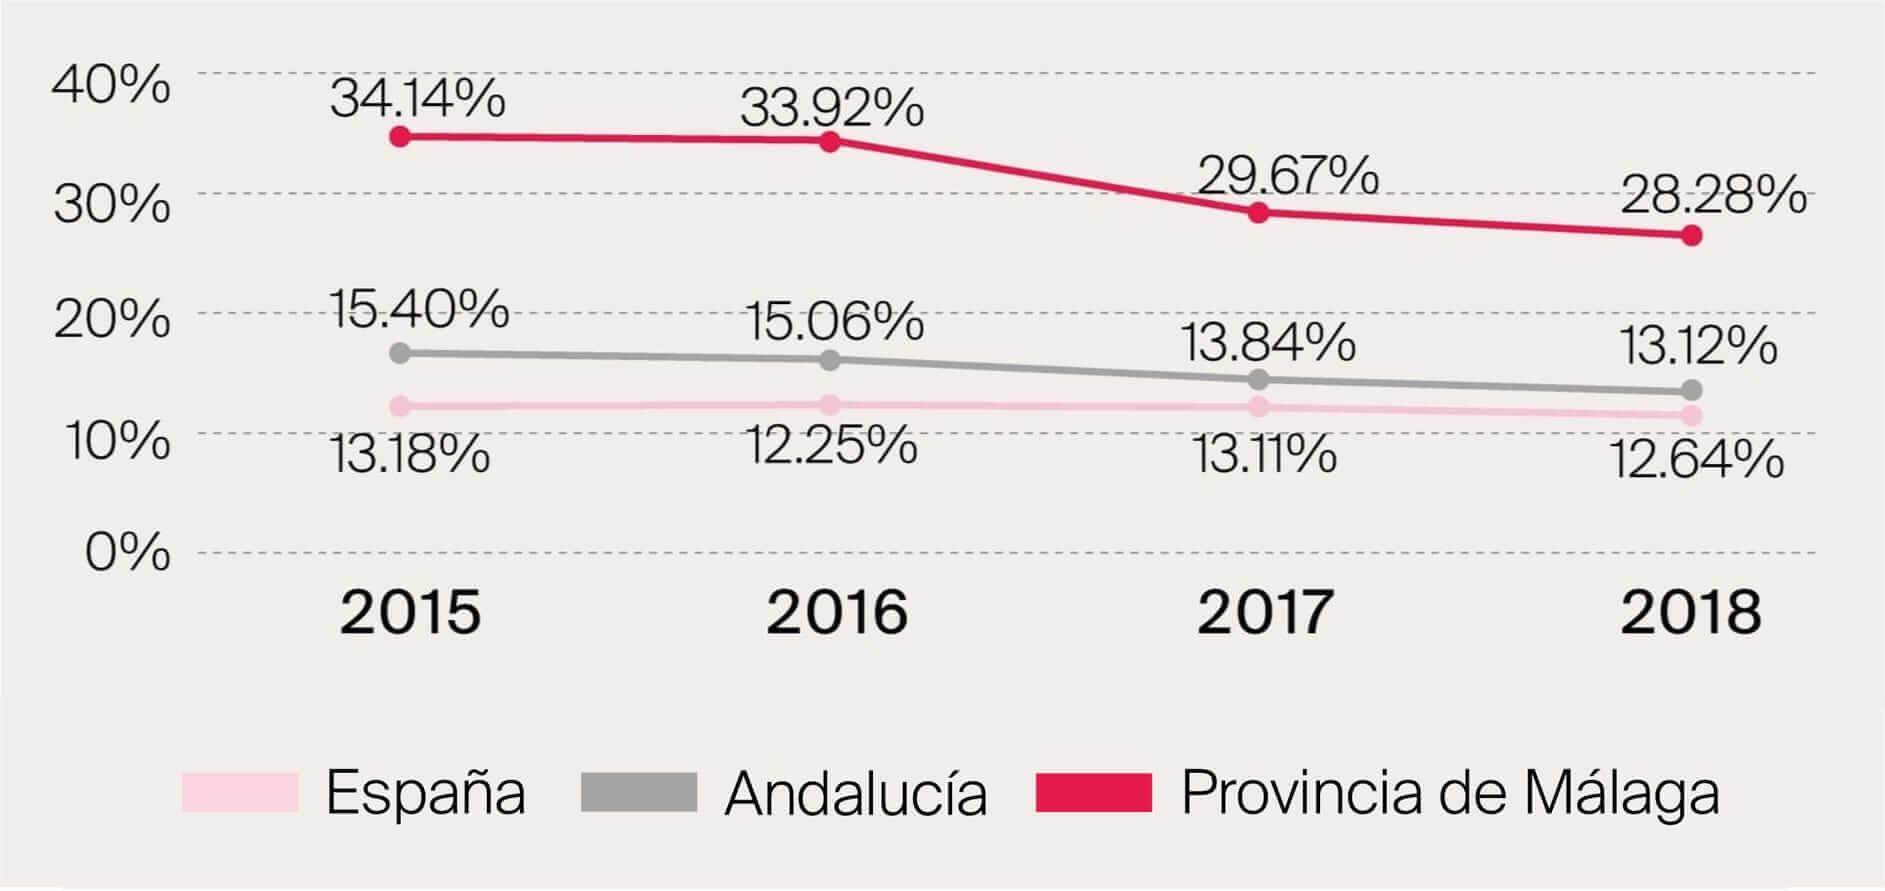 Porcentaje de compradores extranjeros en Marbella